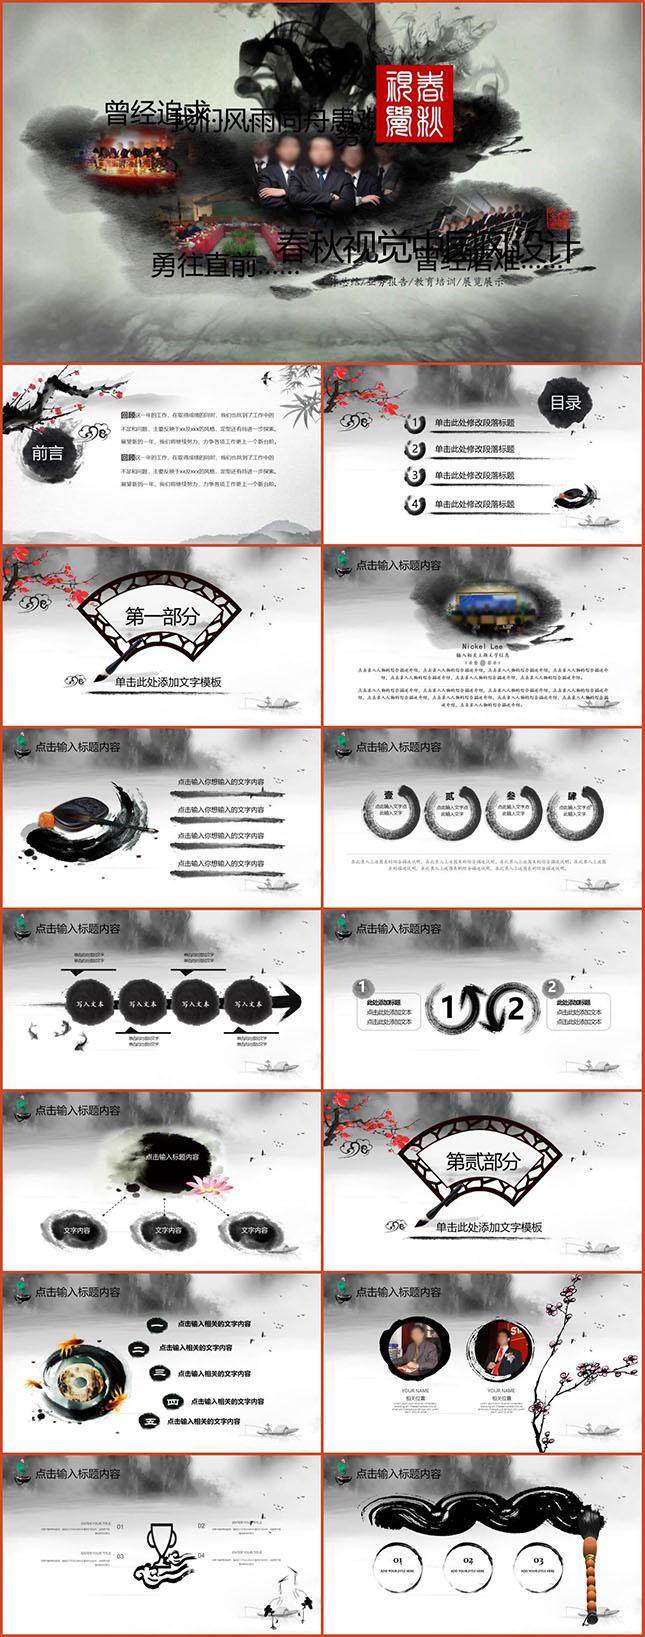 中国水墨风总结汇报通用PPT模板